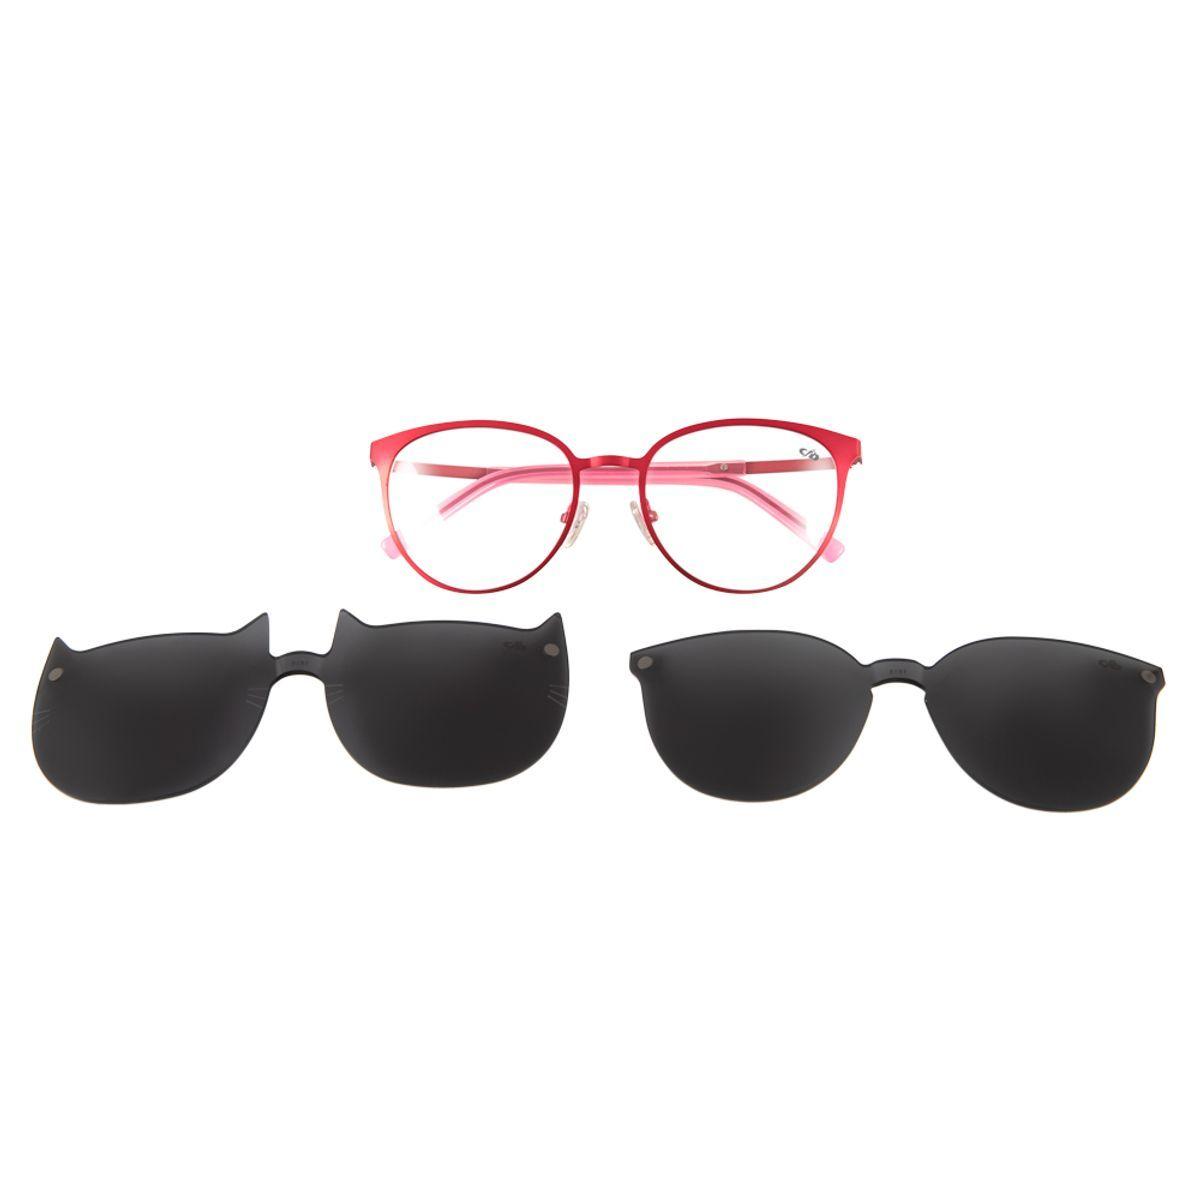 7c8d8e46d Armação para Óculos de Grau Chilli Beans Multi 2 em 1 Gatinho Vermelho 0161  - Chilli